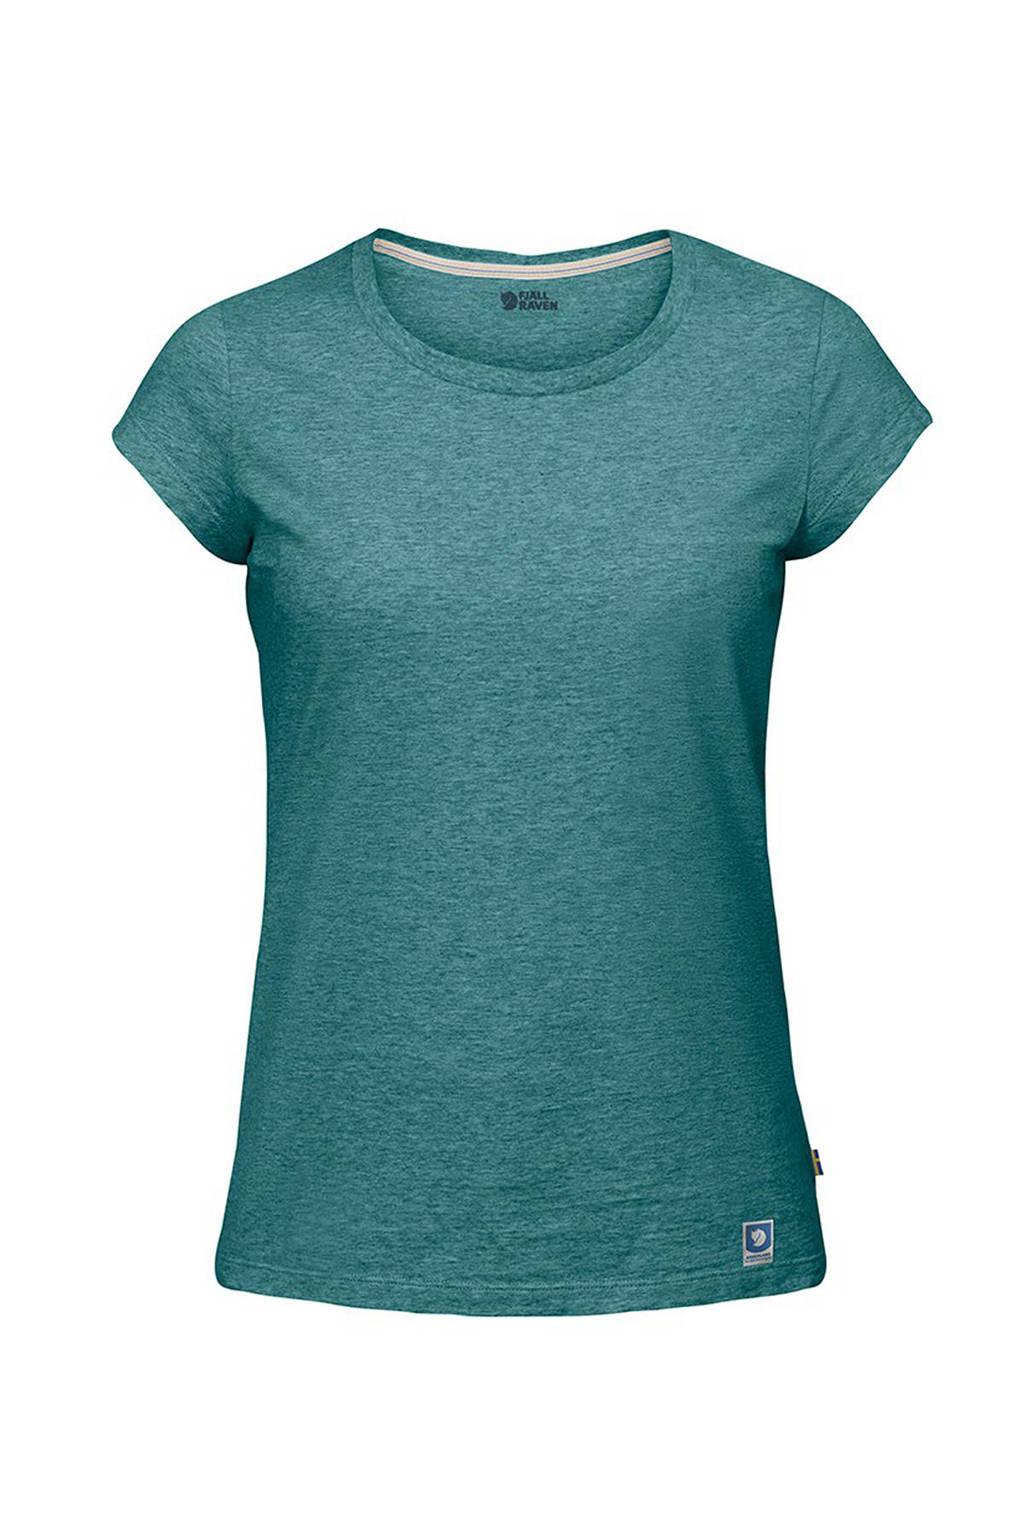 Fjällräven outdoor T-shirt, Groen